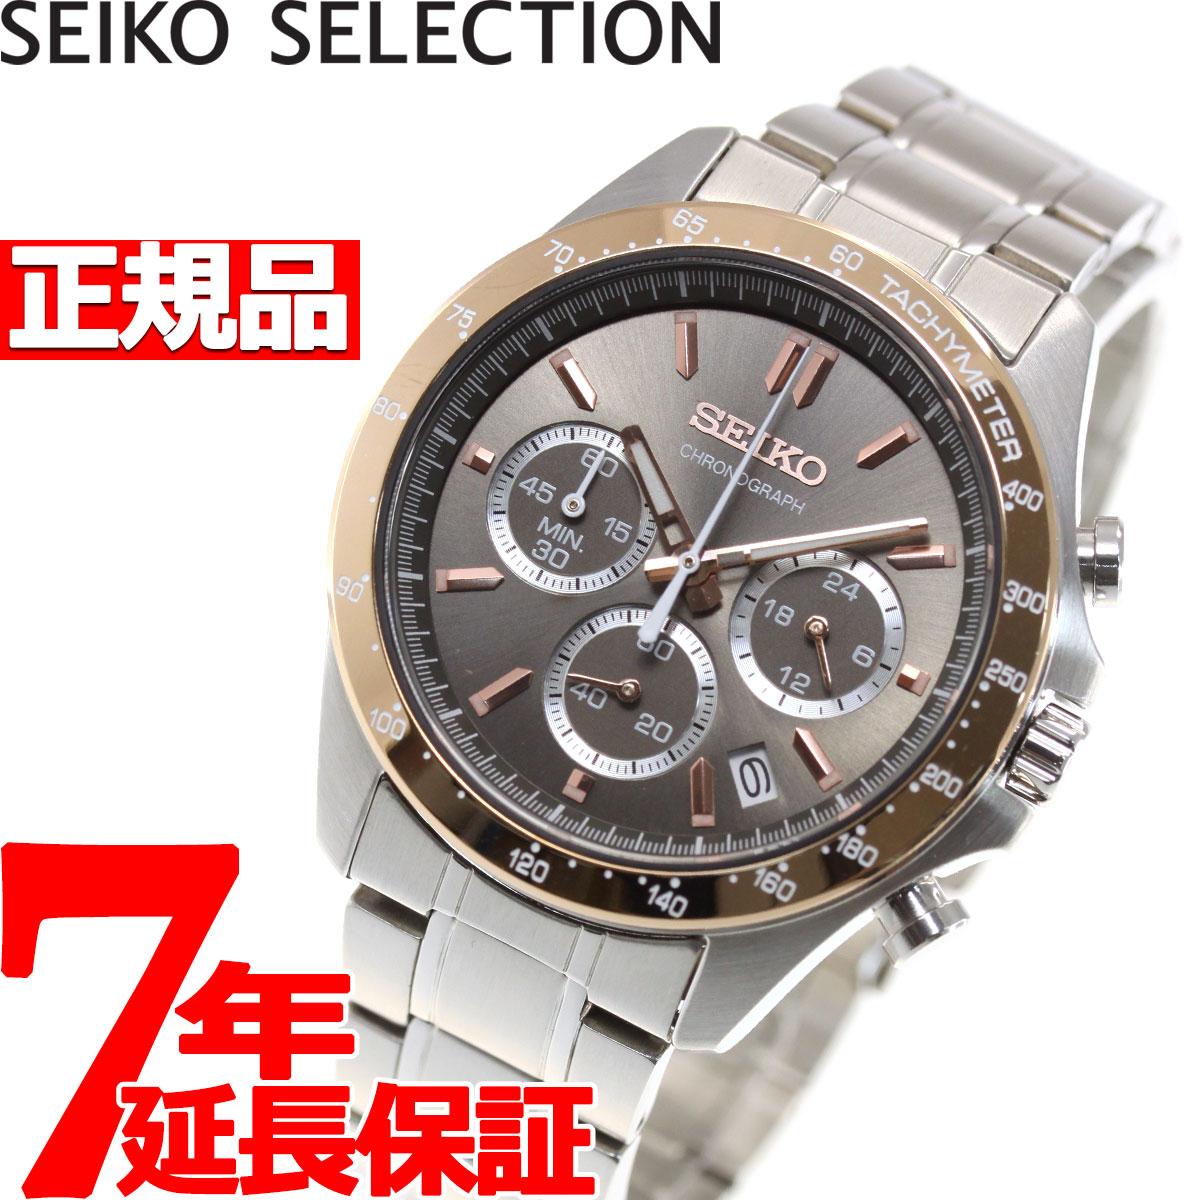 1f830f2558 セイコー セレクション SEIKO SELECTION 腕時計 メンズ クロノグラフ SBTR026【2018 新作】  [正規品][送料無料][7年延長正規保証][ラッピング無料][サイズ ...